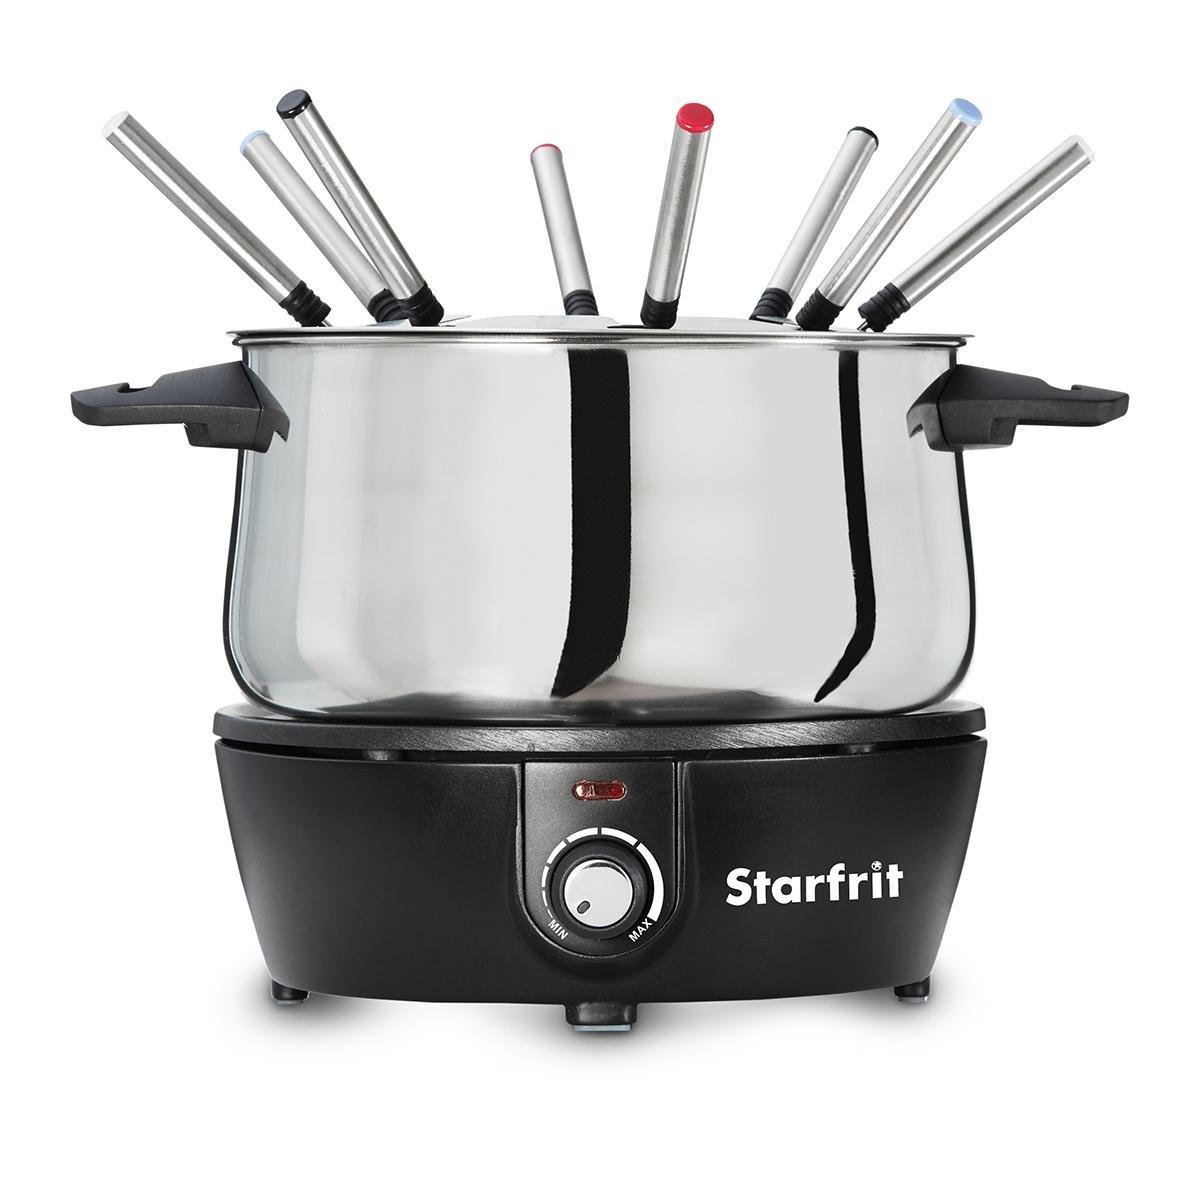 Starfrit 024700-004-0000 Electric Fondue Set, 9.8 9.7&quotx 7.9&quot, Black